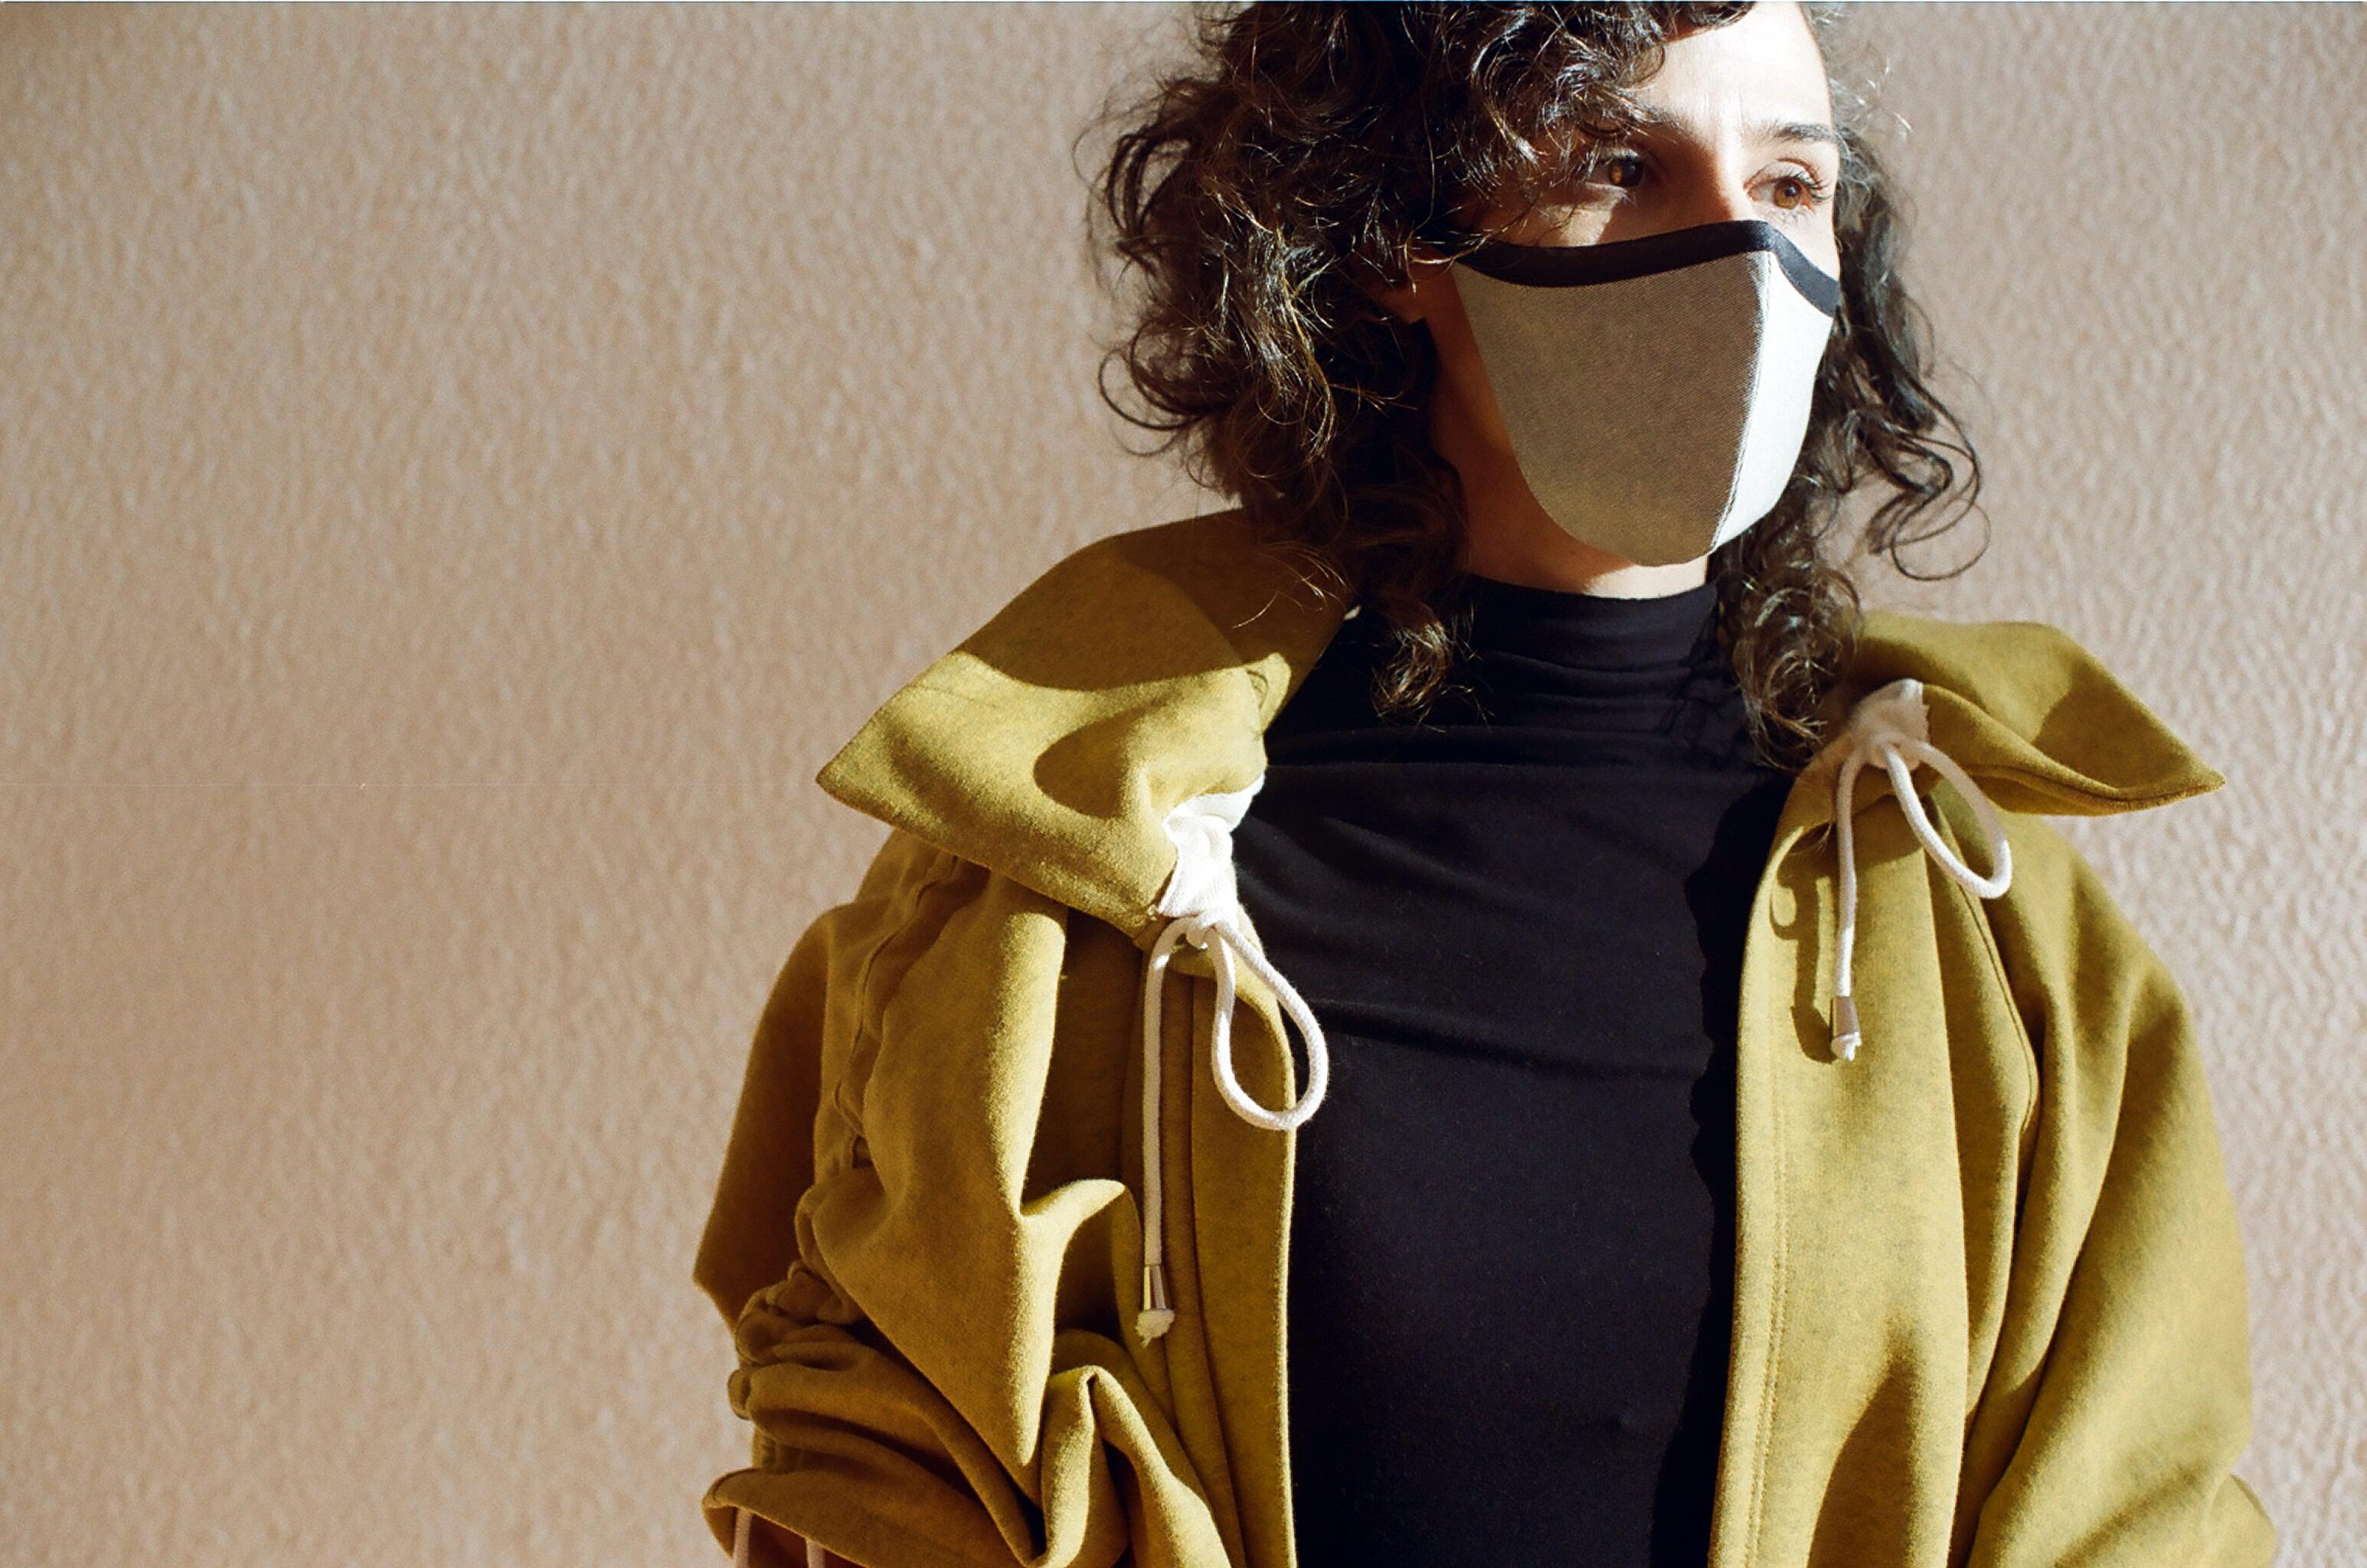 mascaras-do-bem_rep03